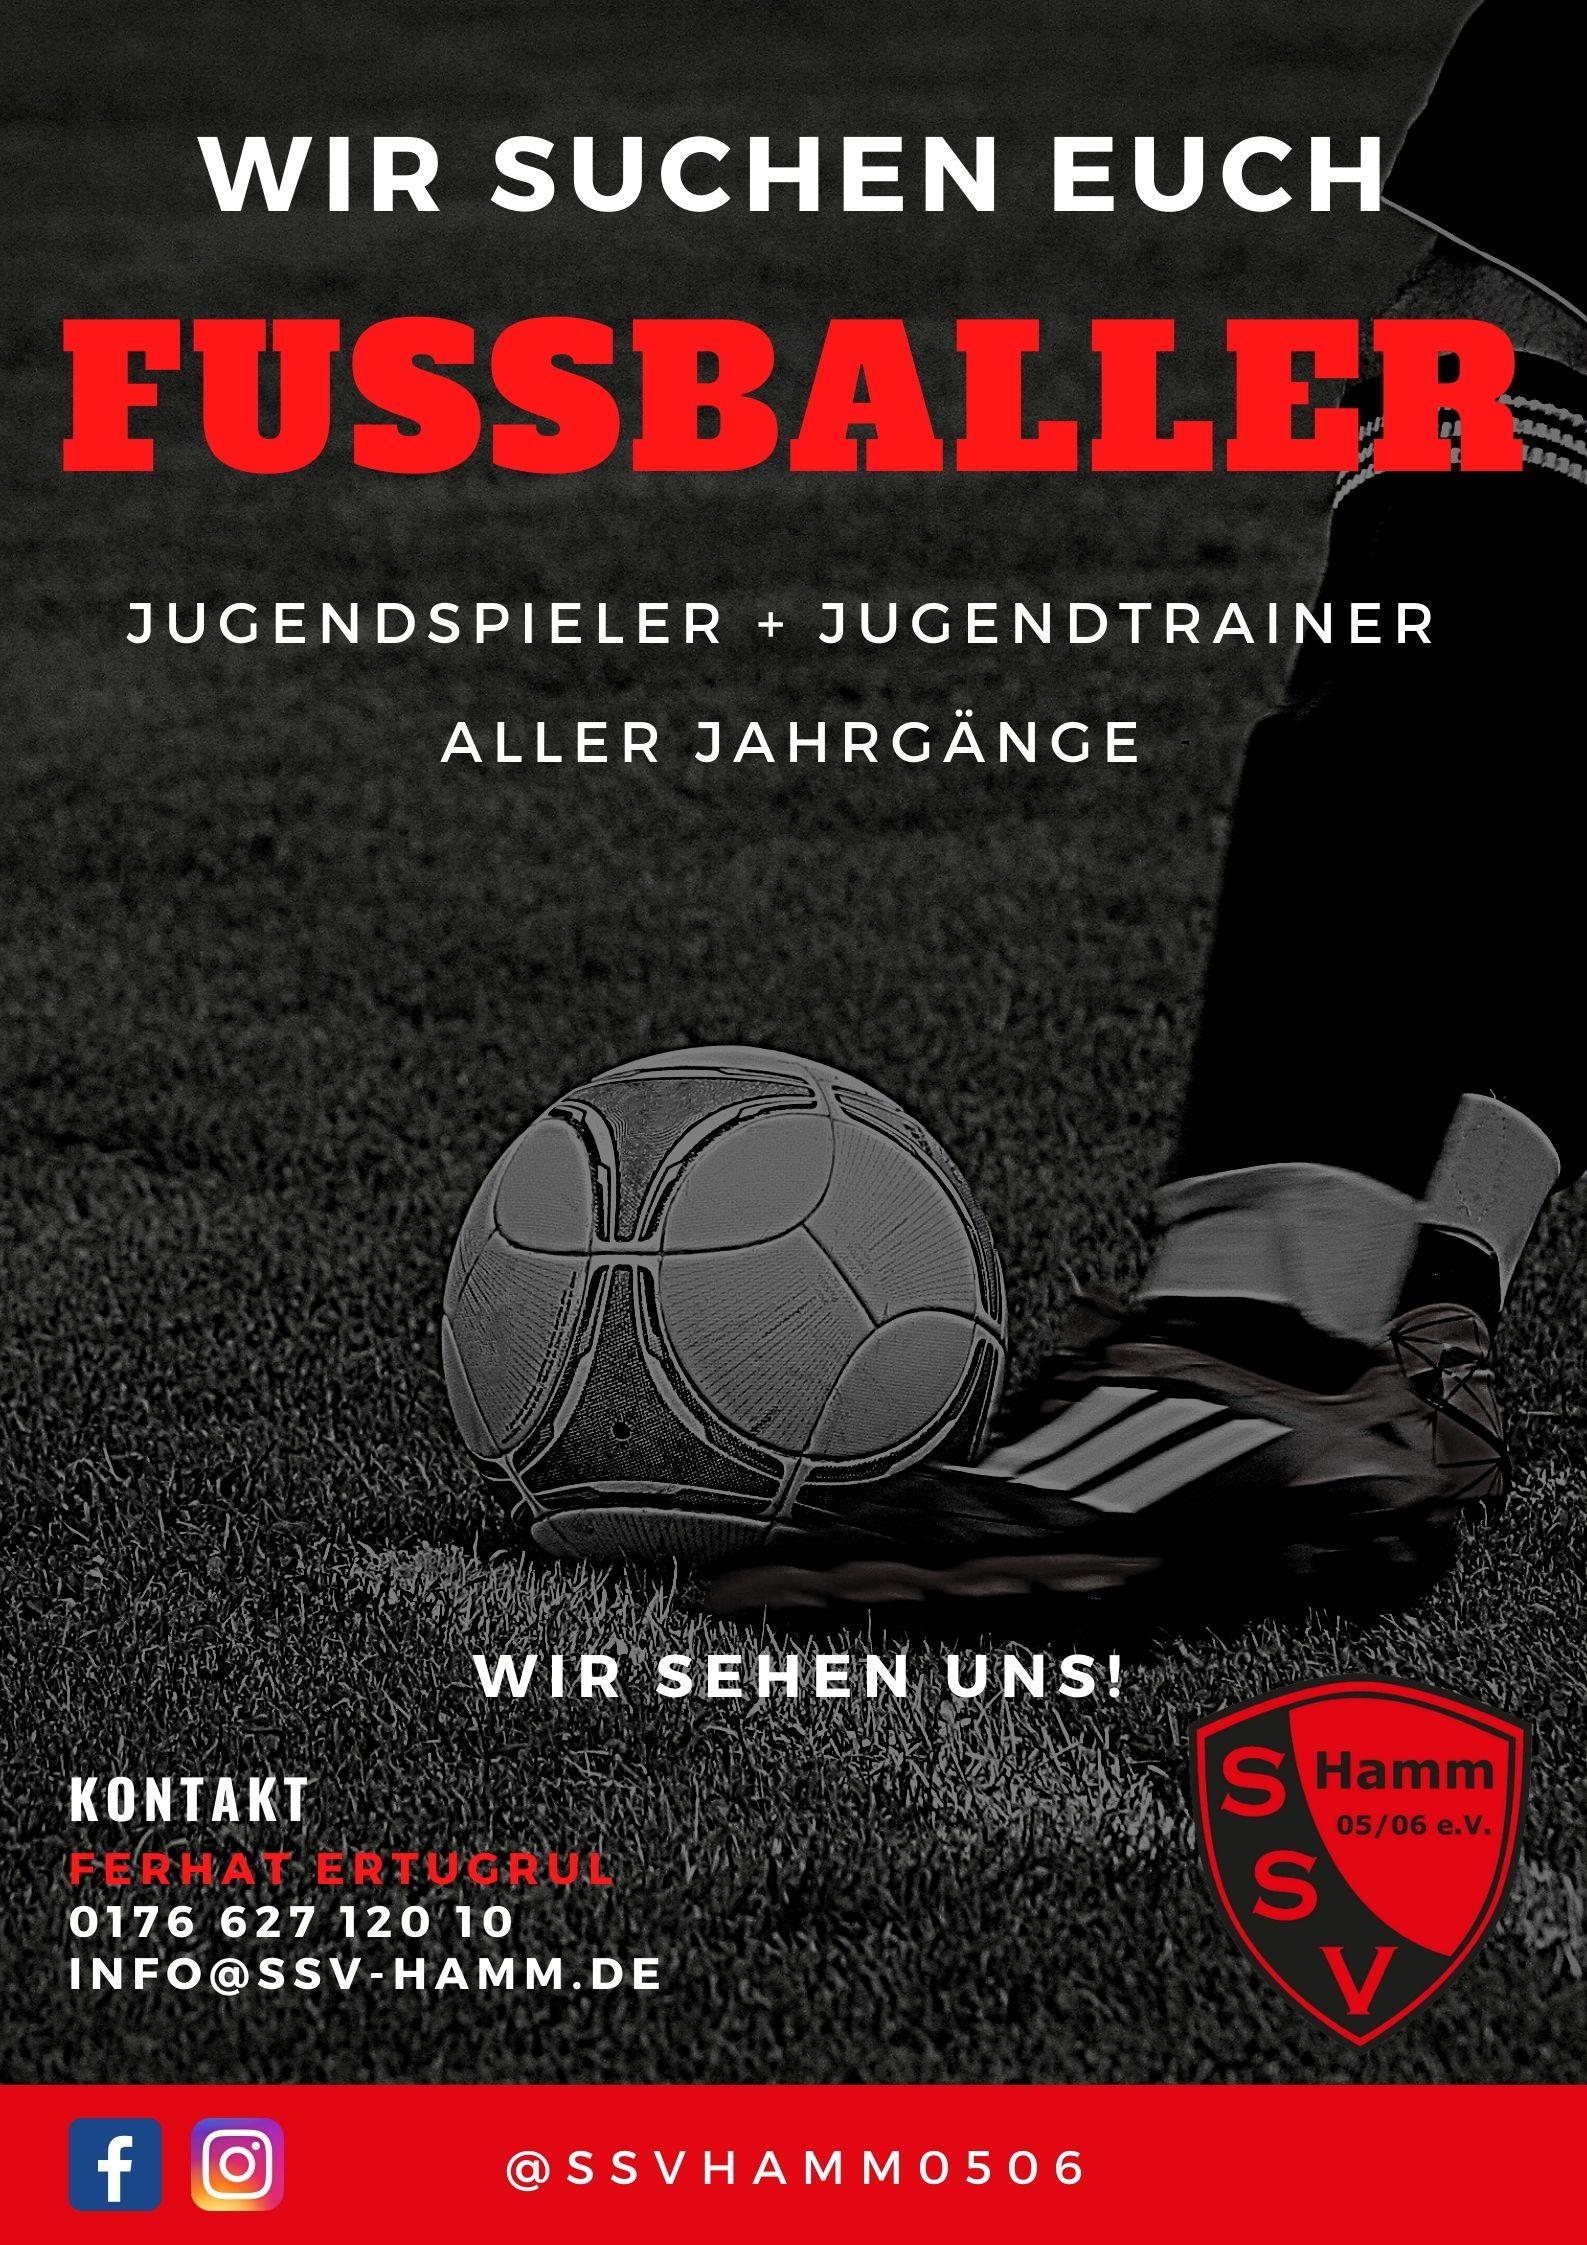 Read more about the article Jugendspieler + Jugendtrainer aller Jahrgänge gesucht